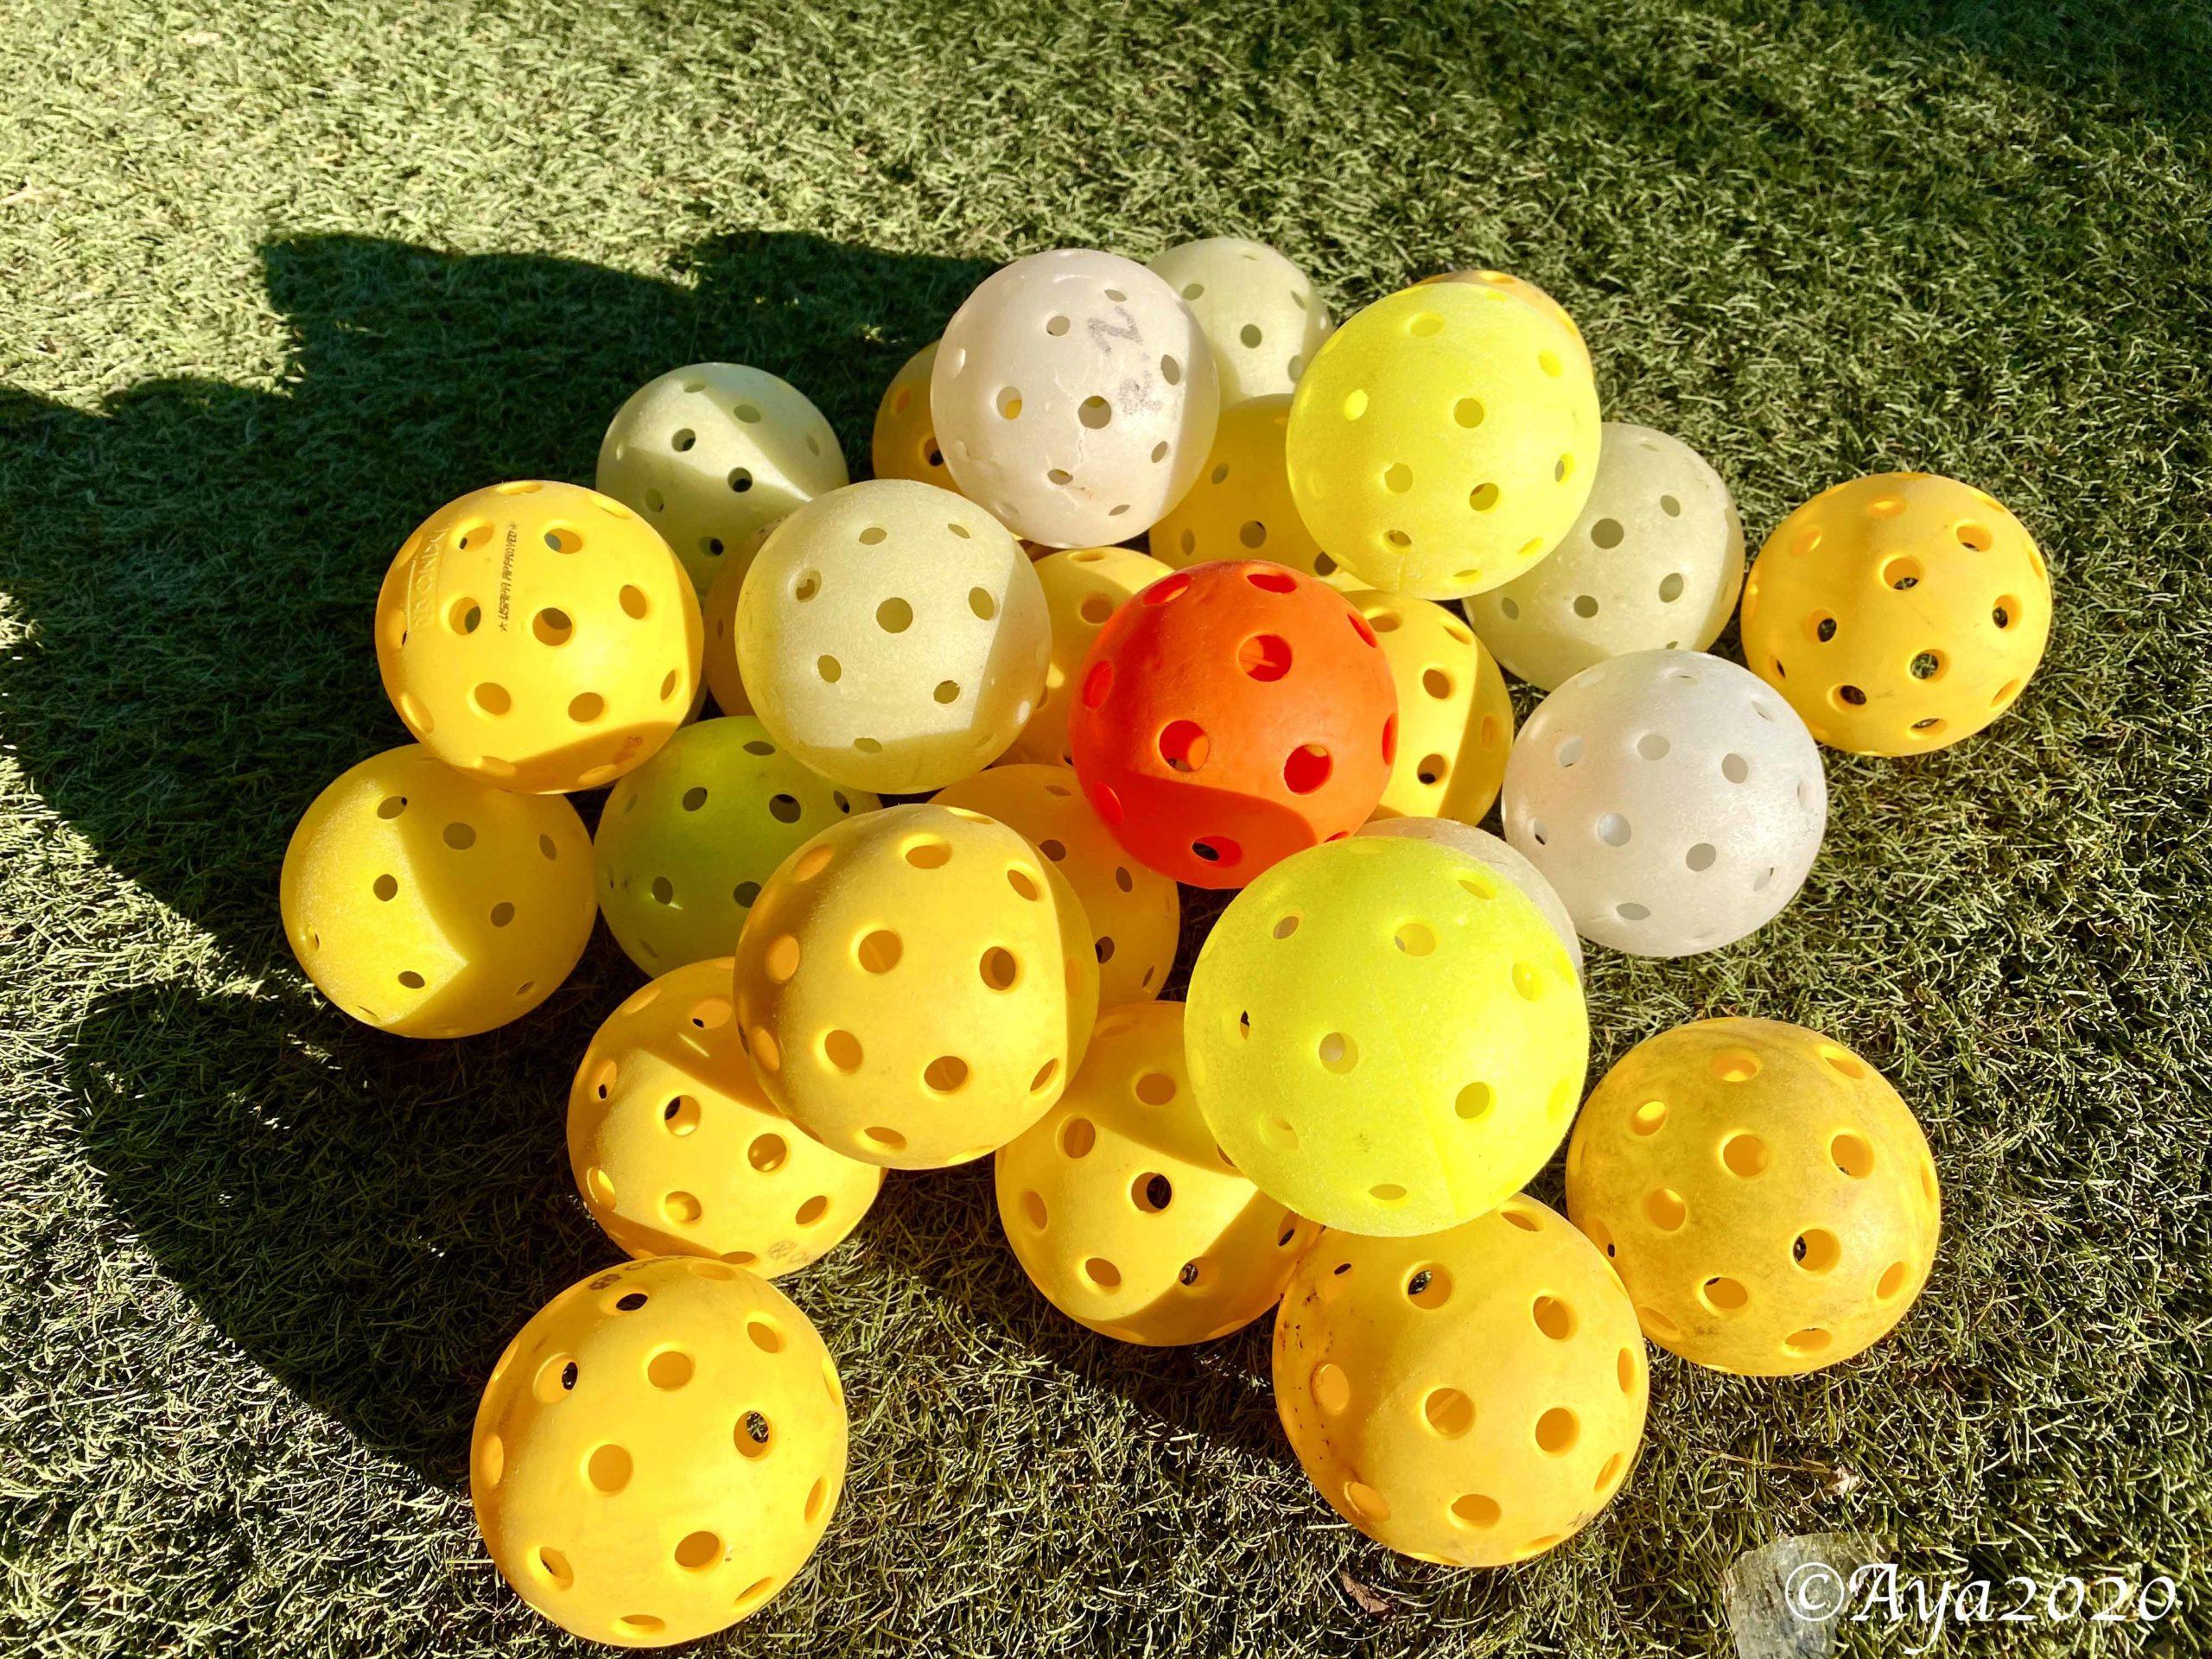 ピックルボール・その4、ピックルボールのデータ色々